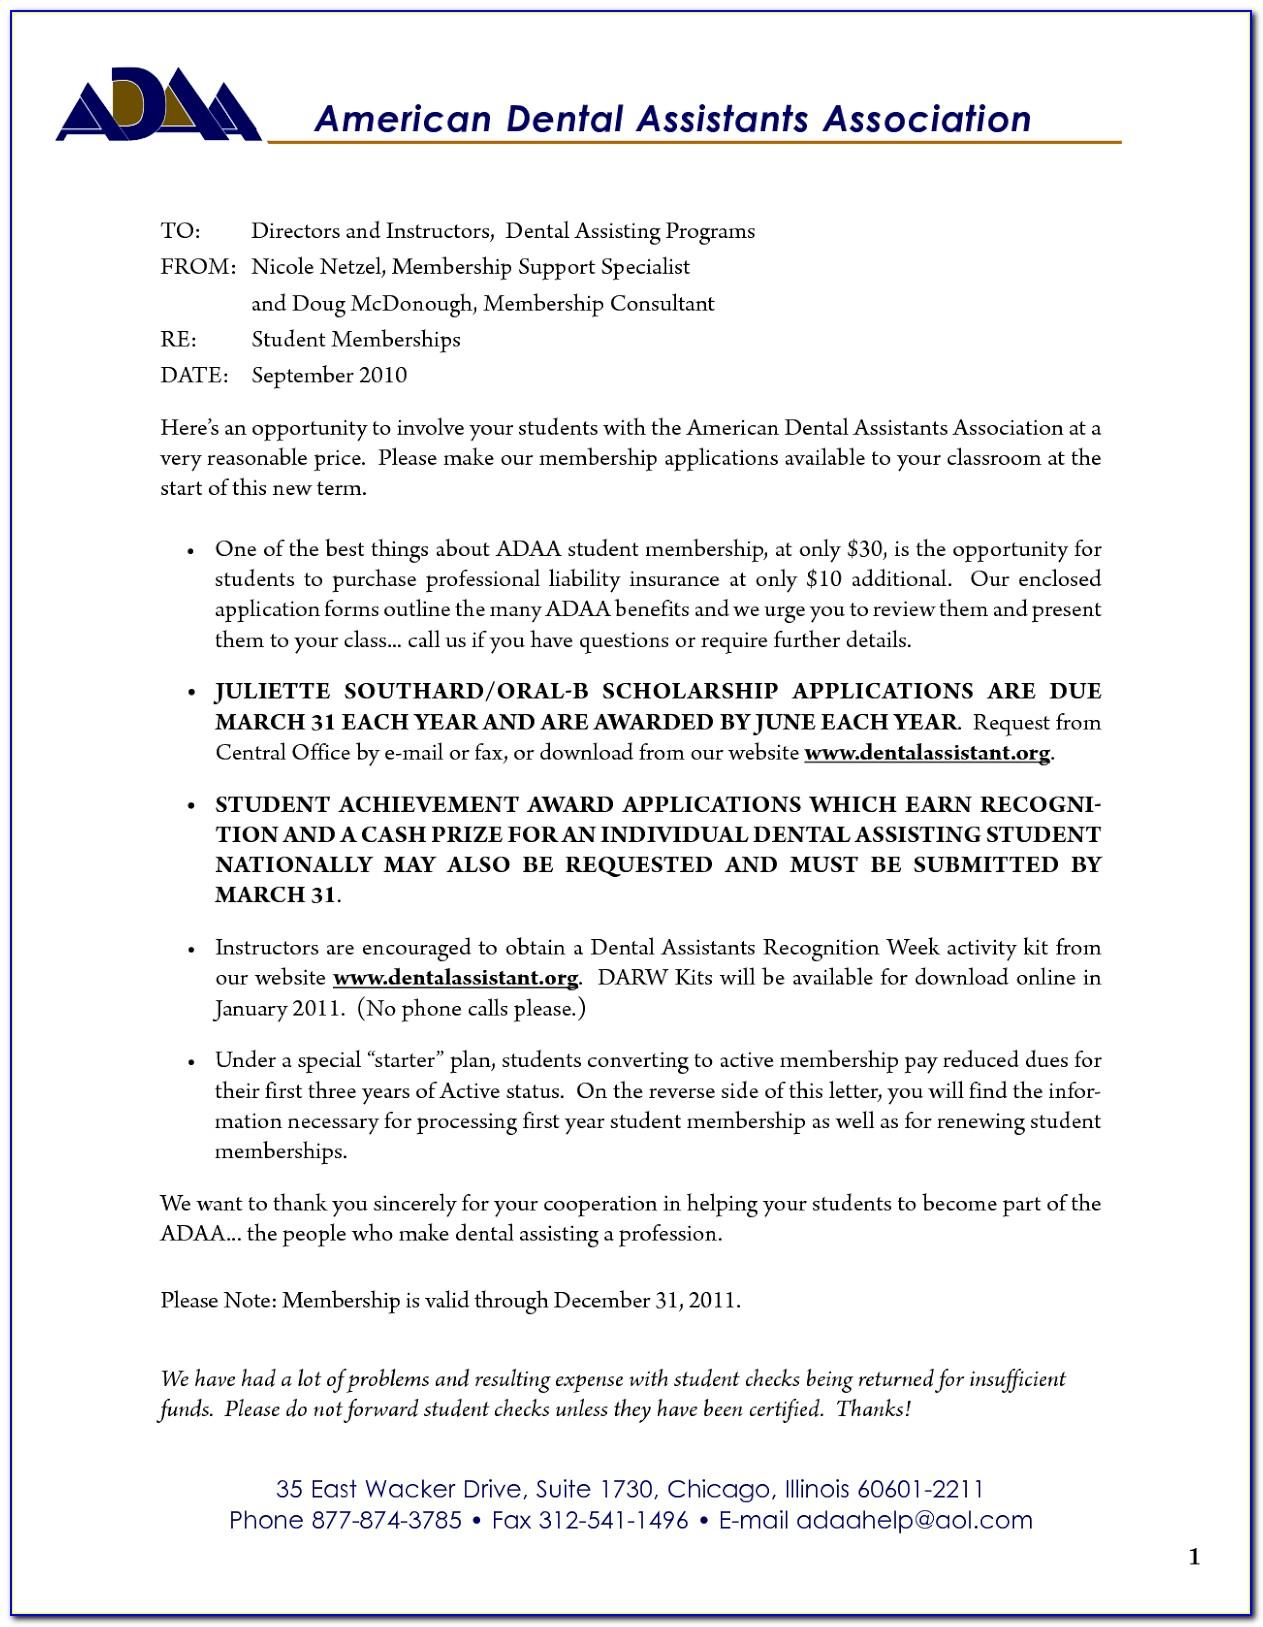 Resume For Dental Assistant Internship